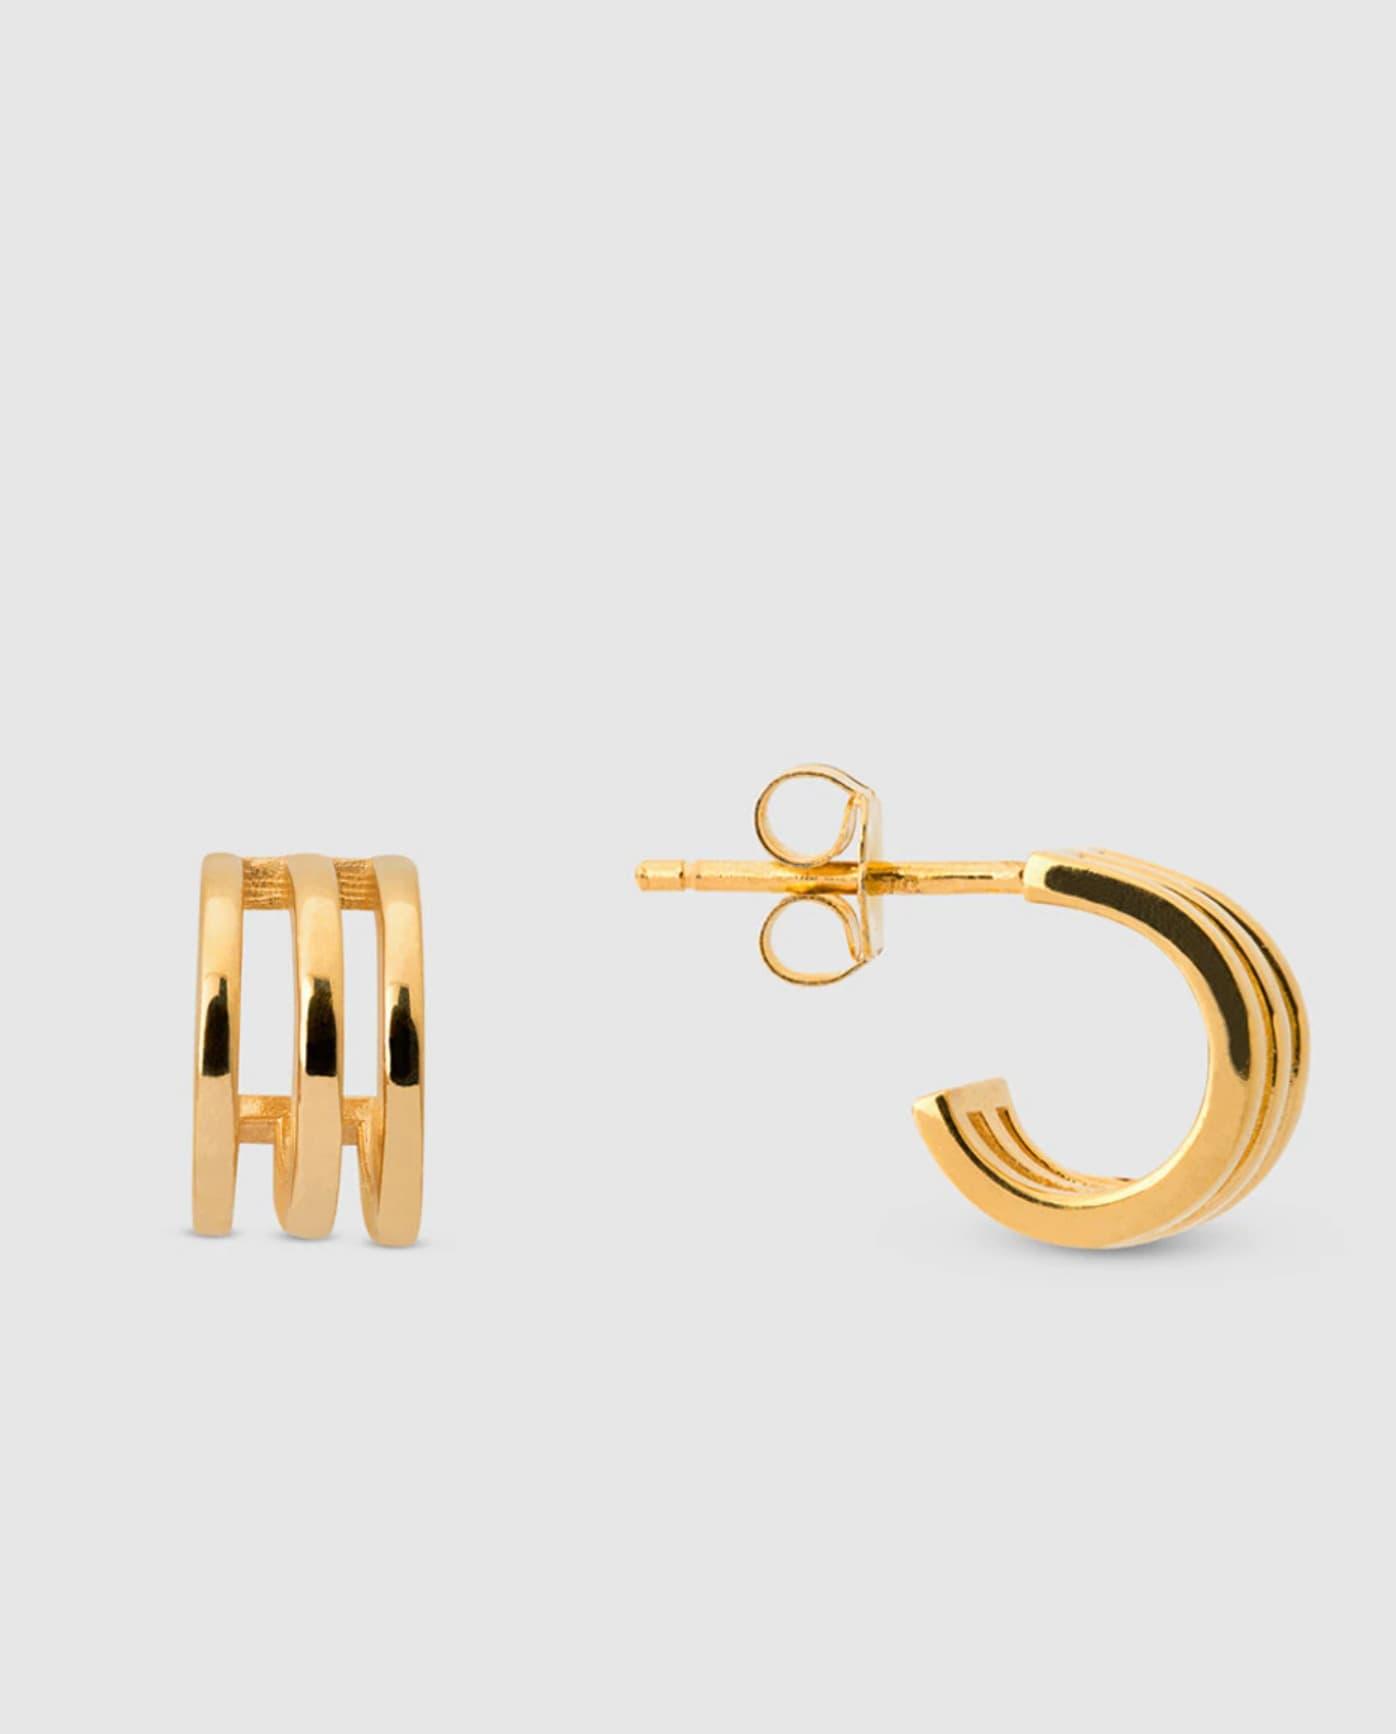 Mini pendientes de aro El Corte Inglés de plata dorada